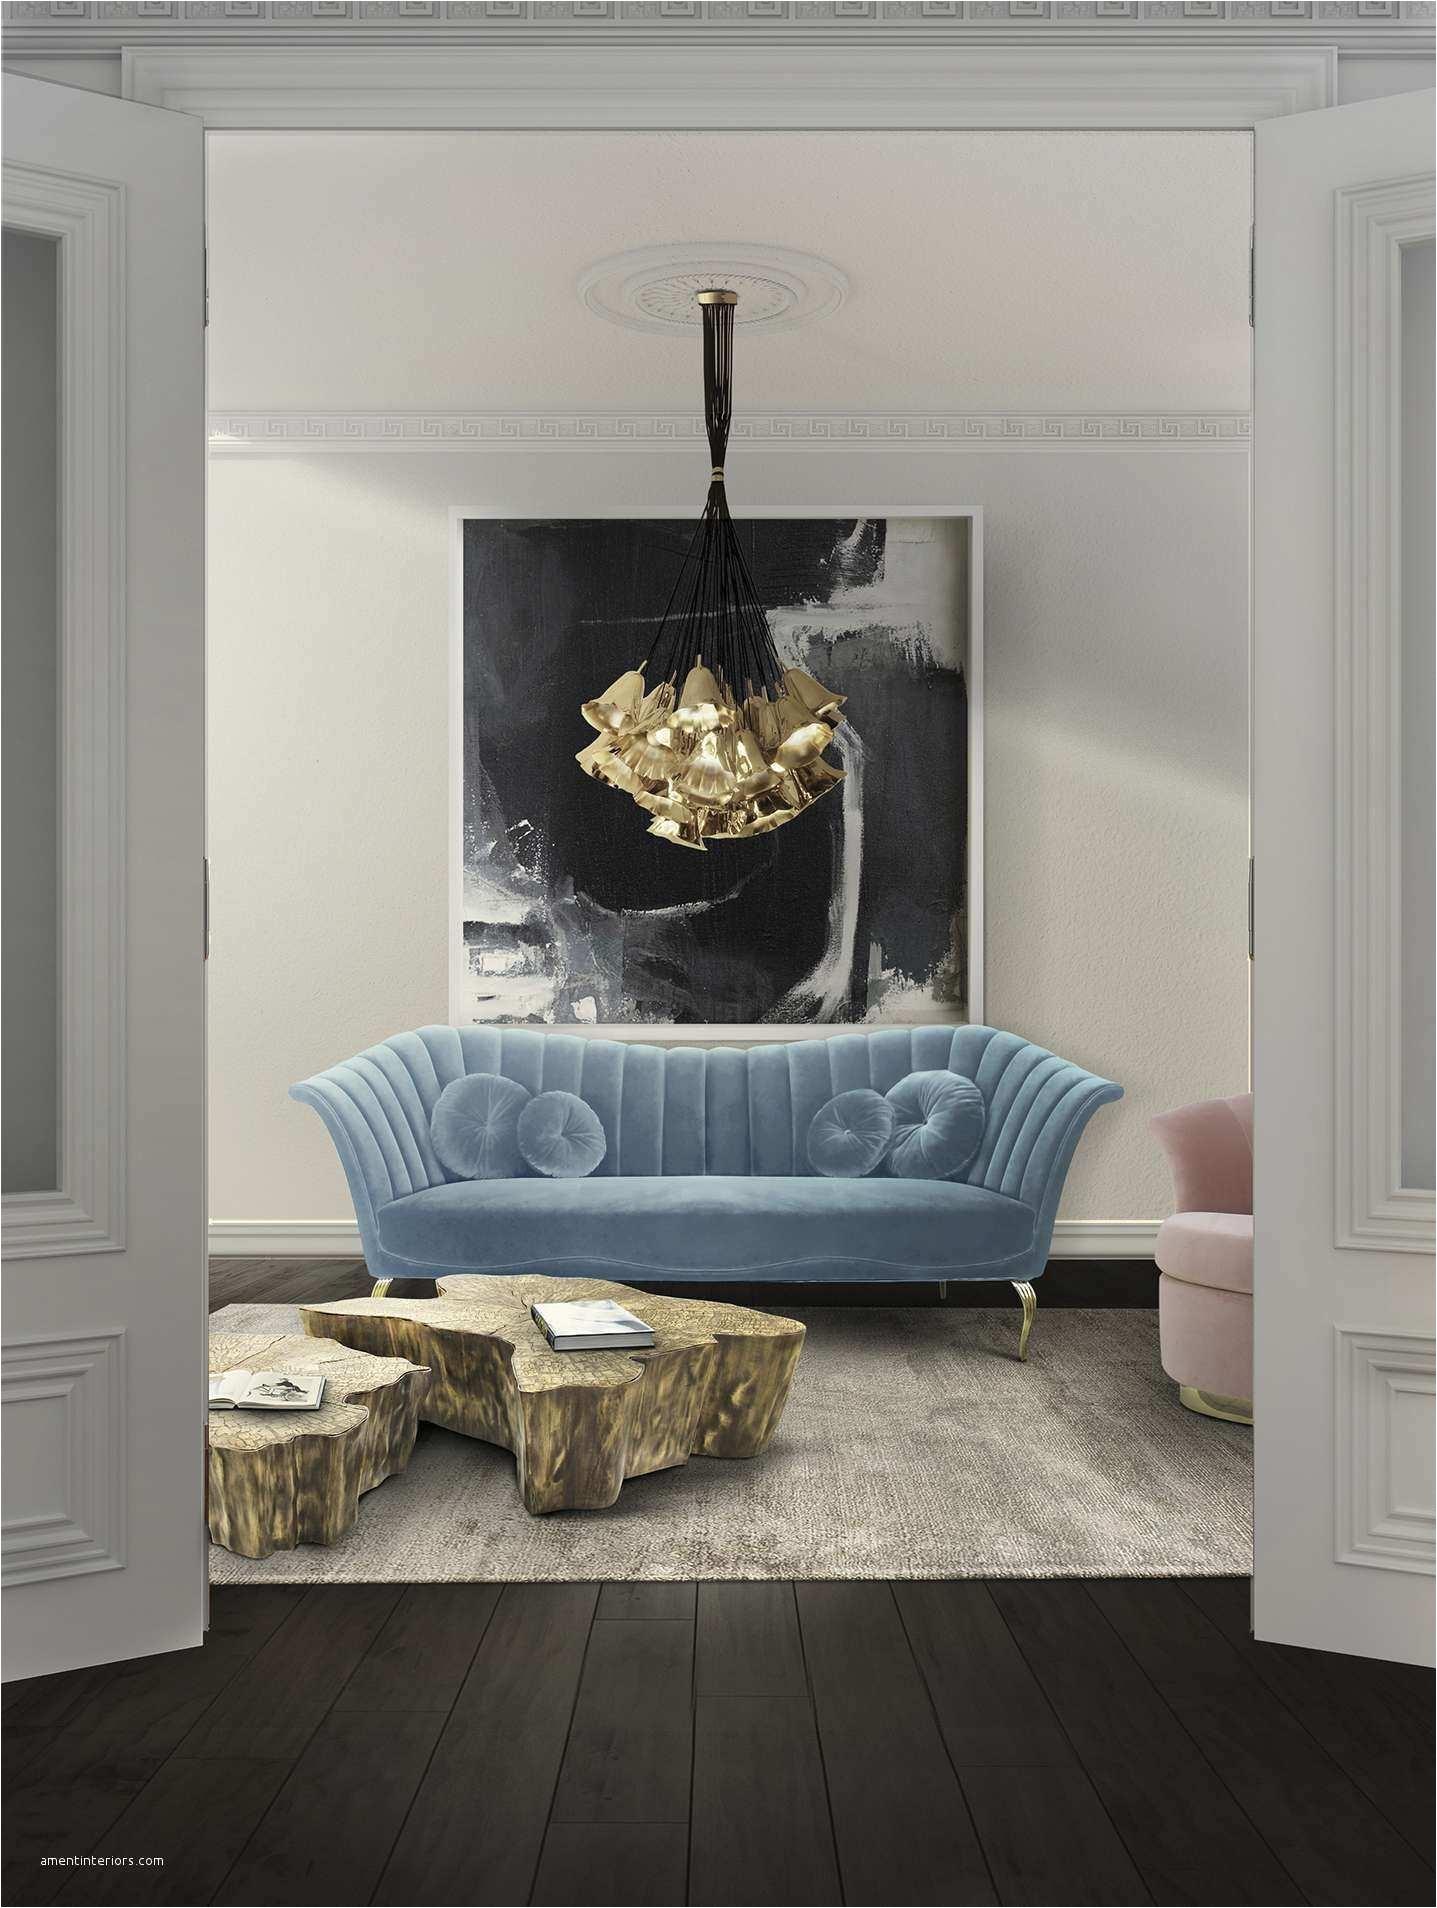 European Side Tables for Living Room Lovely Side Table Designs for Living Room